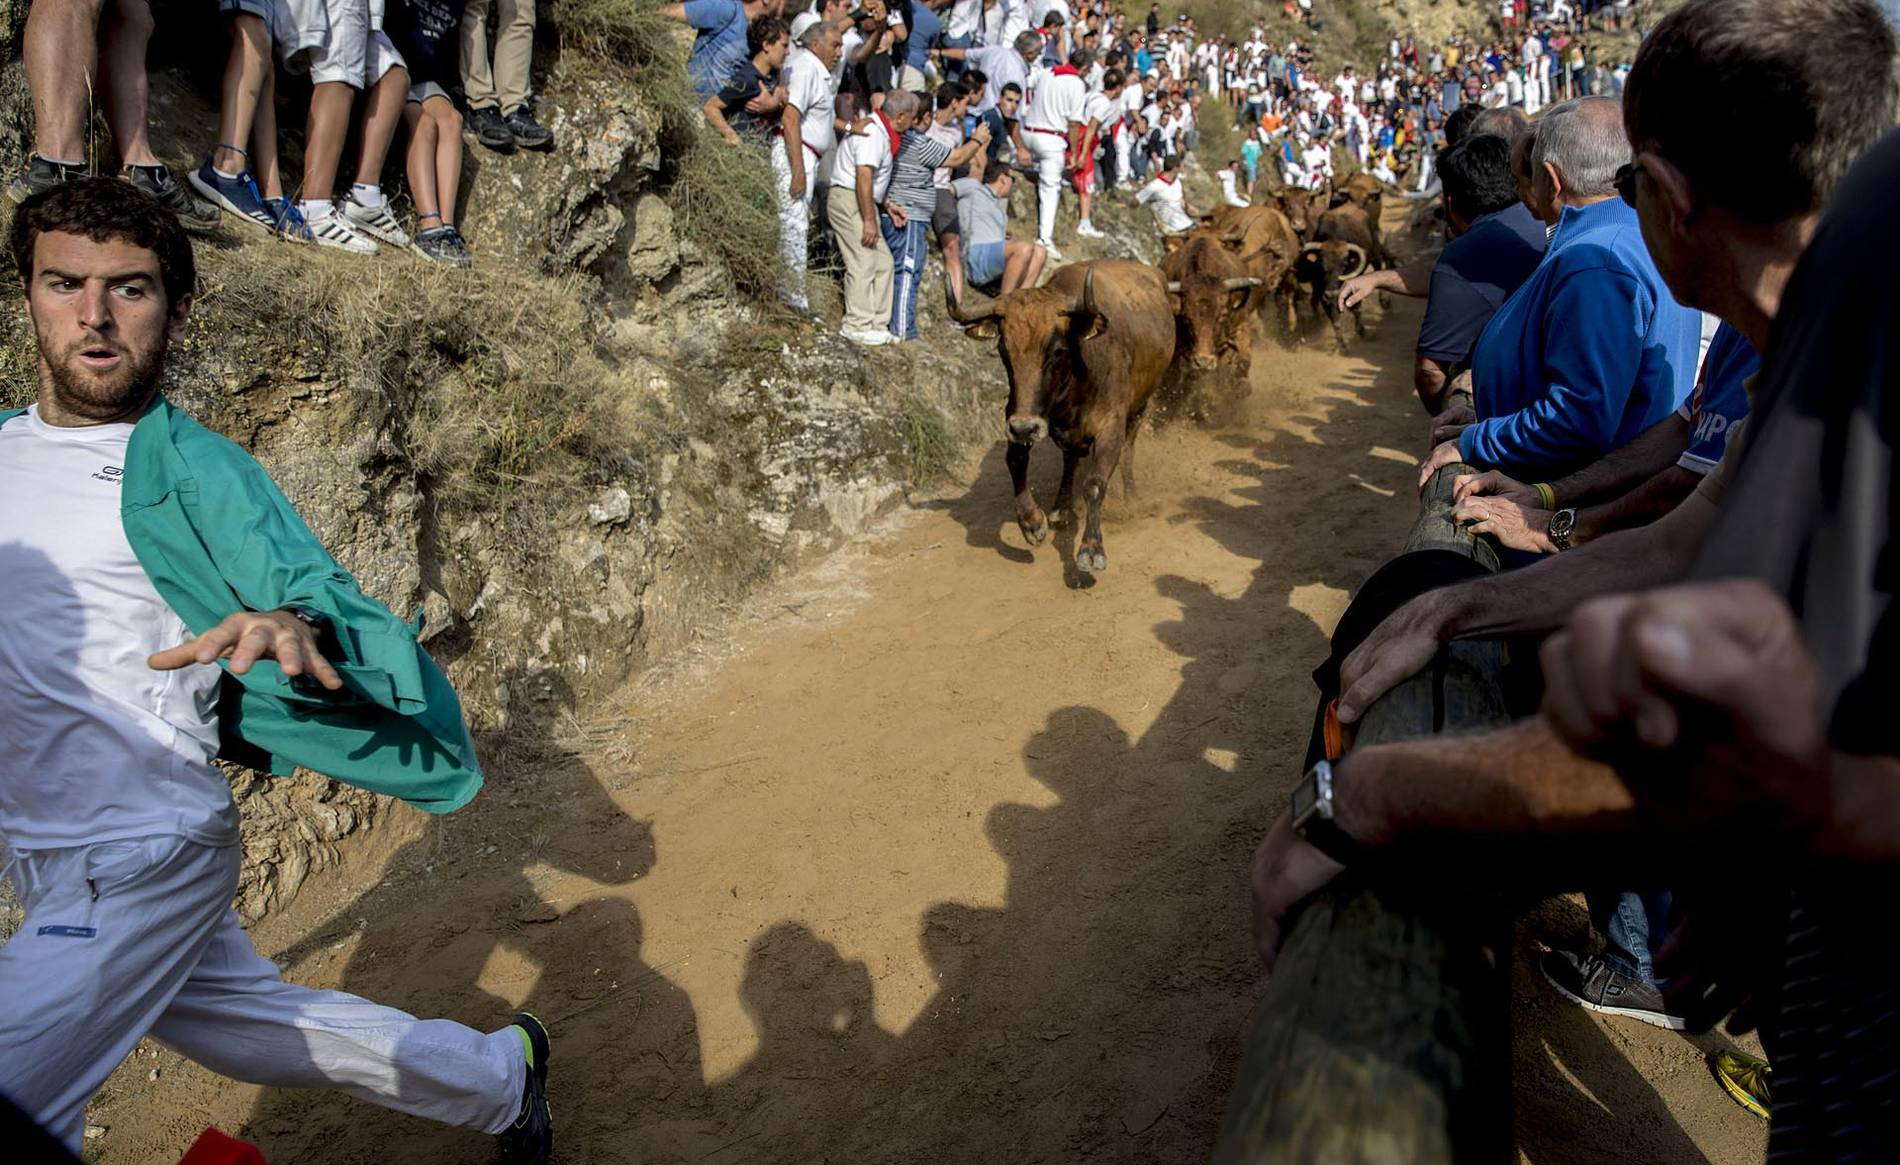 Pilón de Falces. 15 de agosto (1/11) - Fiestas de Falces 2017 - Tafalla y Zona Media -